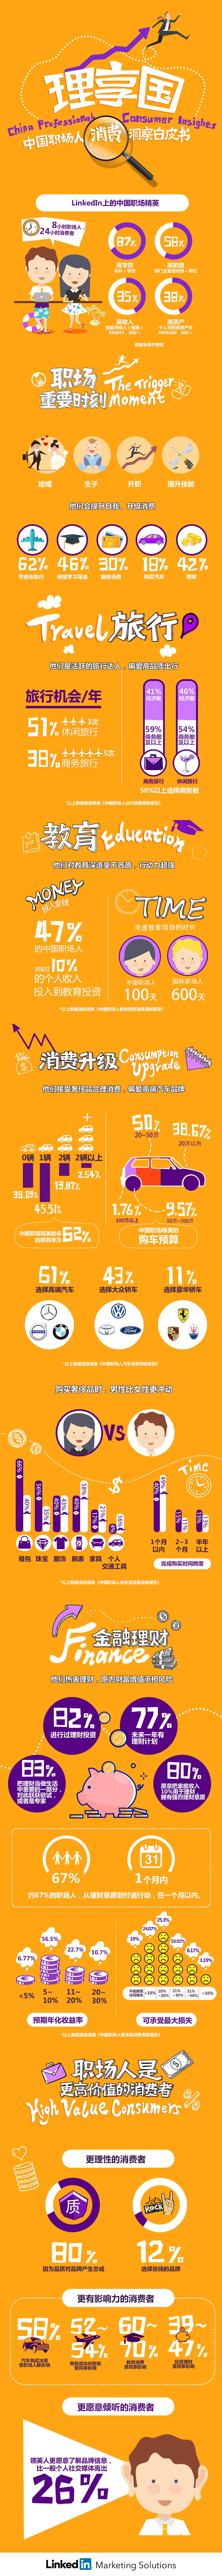 理享国:中国职场人消费洞察白皮书–信息图